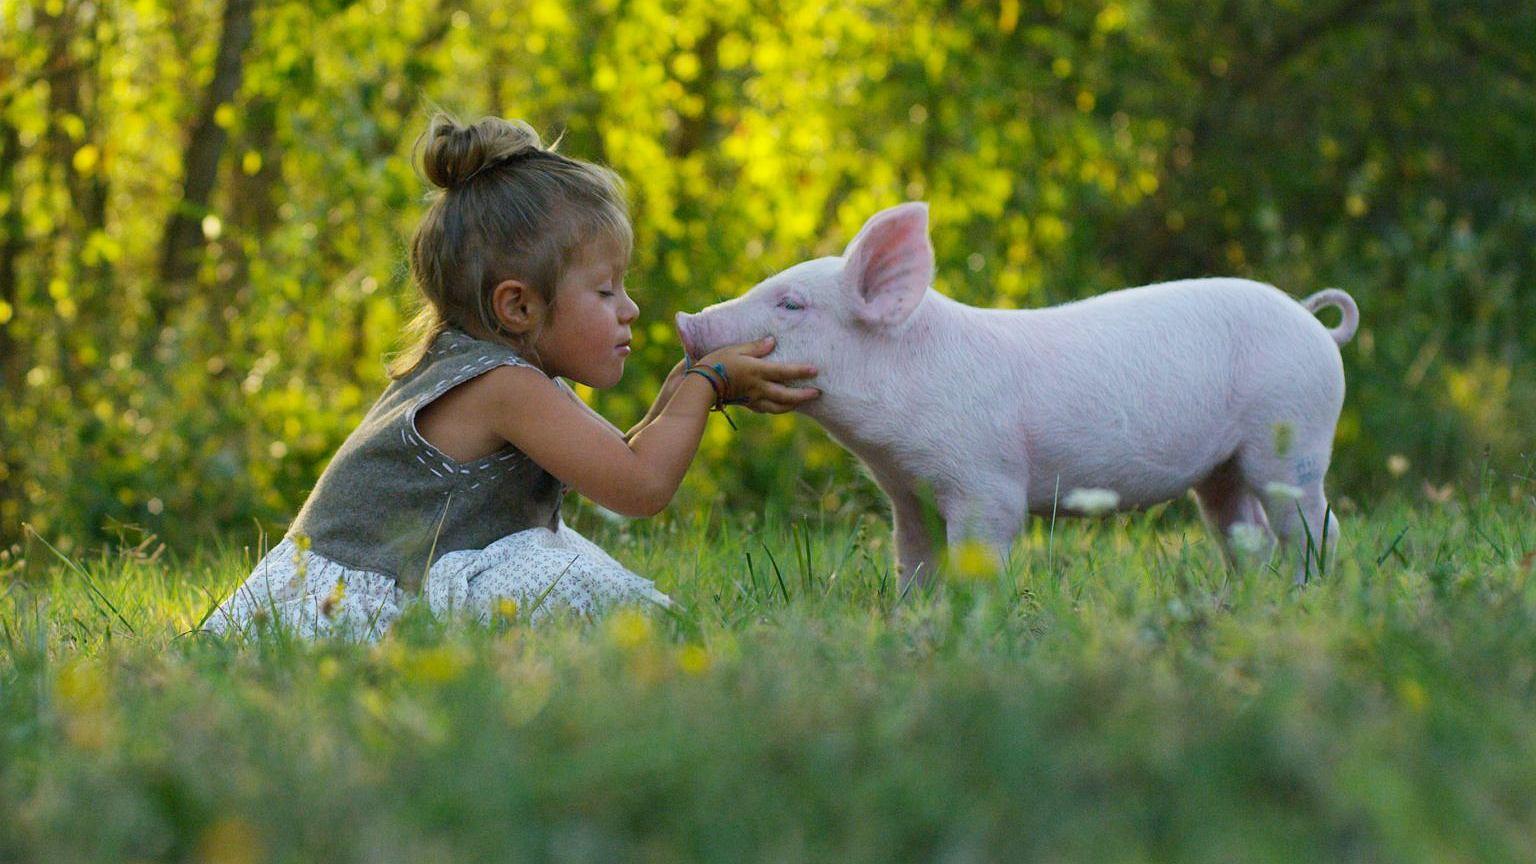 Karnizm to ideologia, która warunkuje nas do zjadania określonych zwierząt